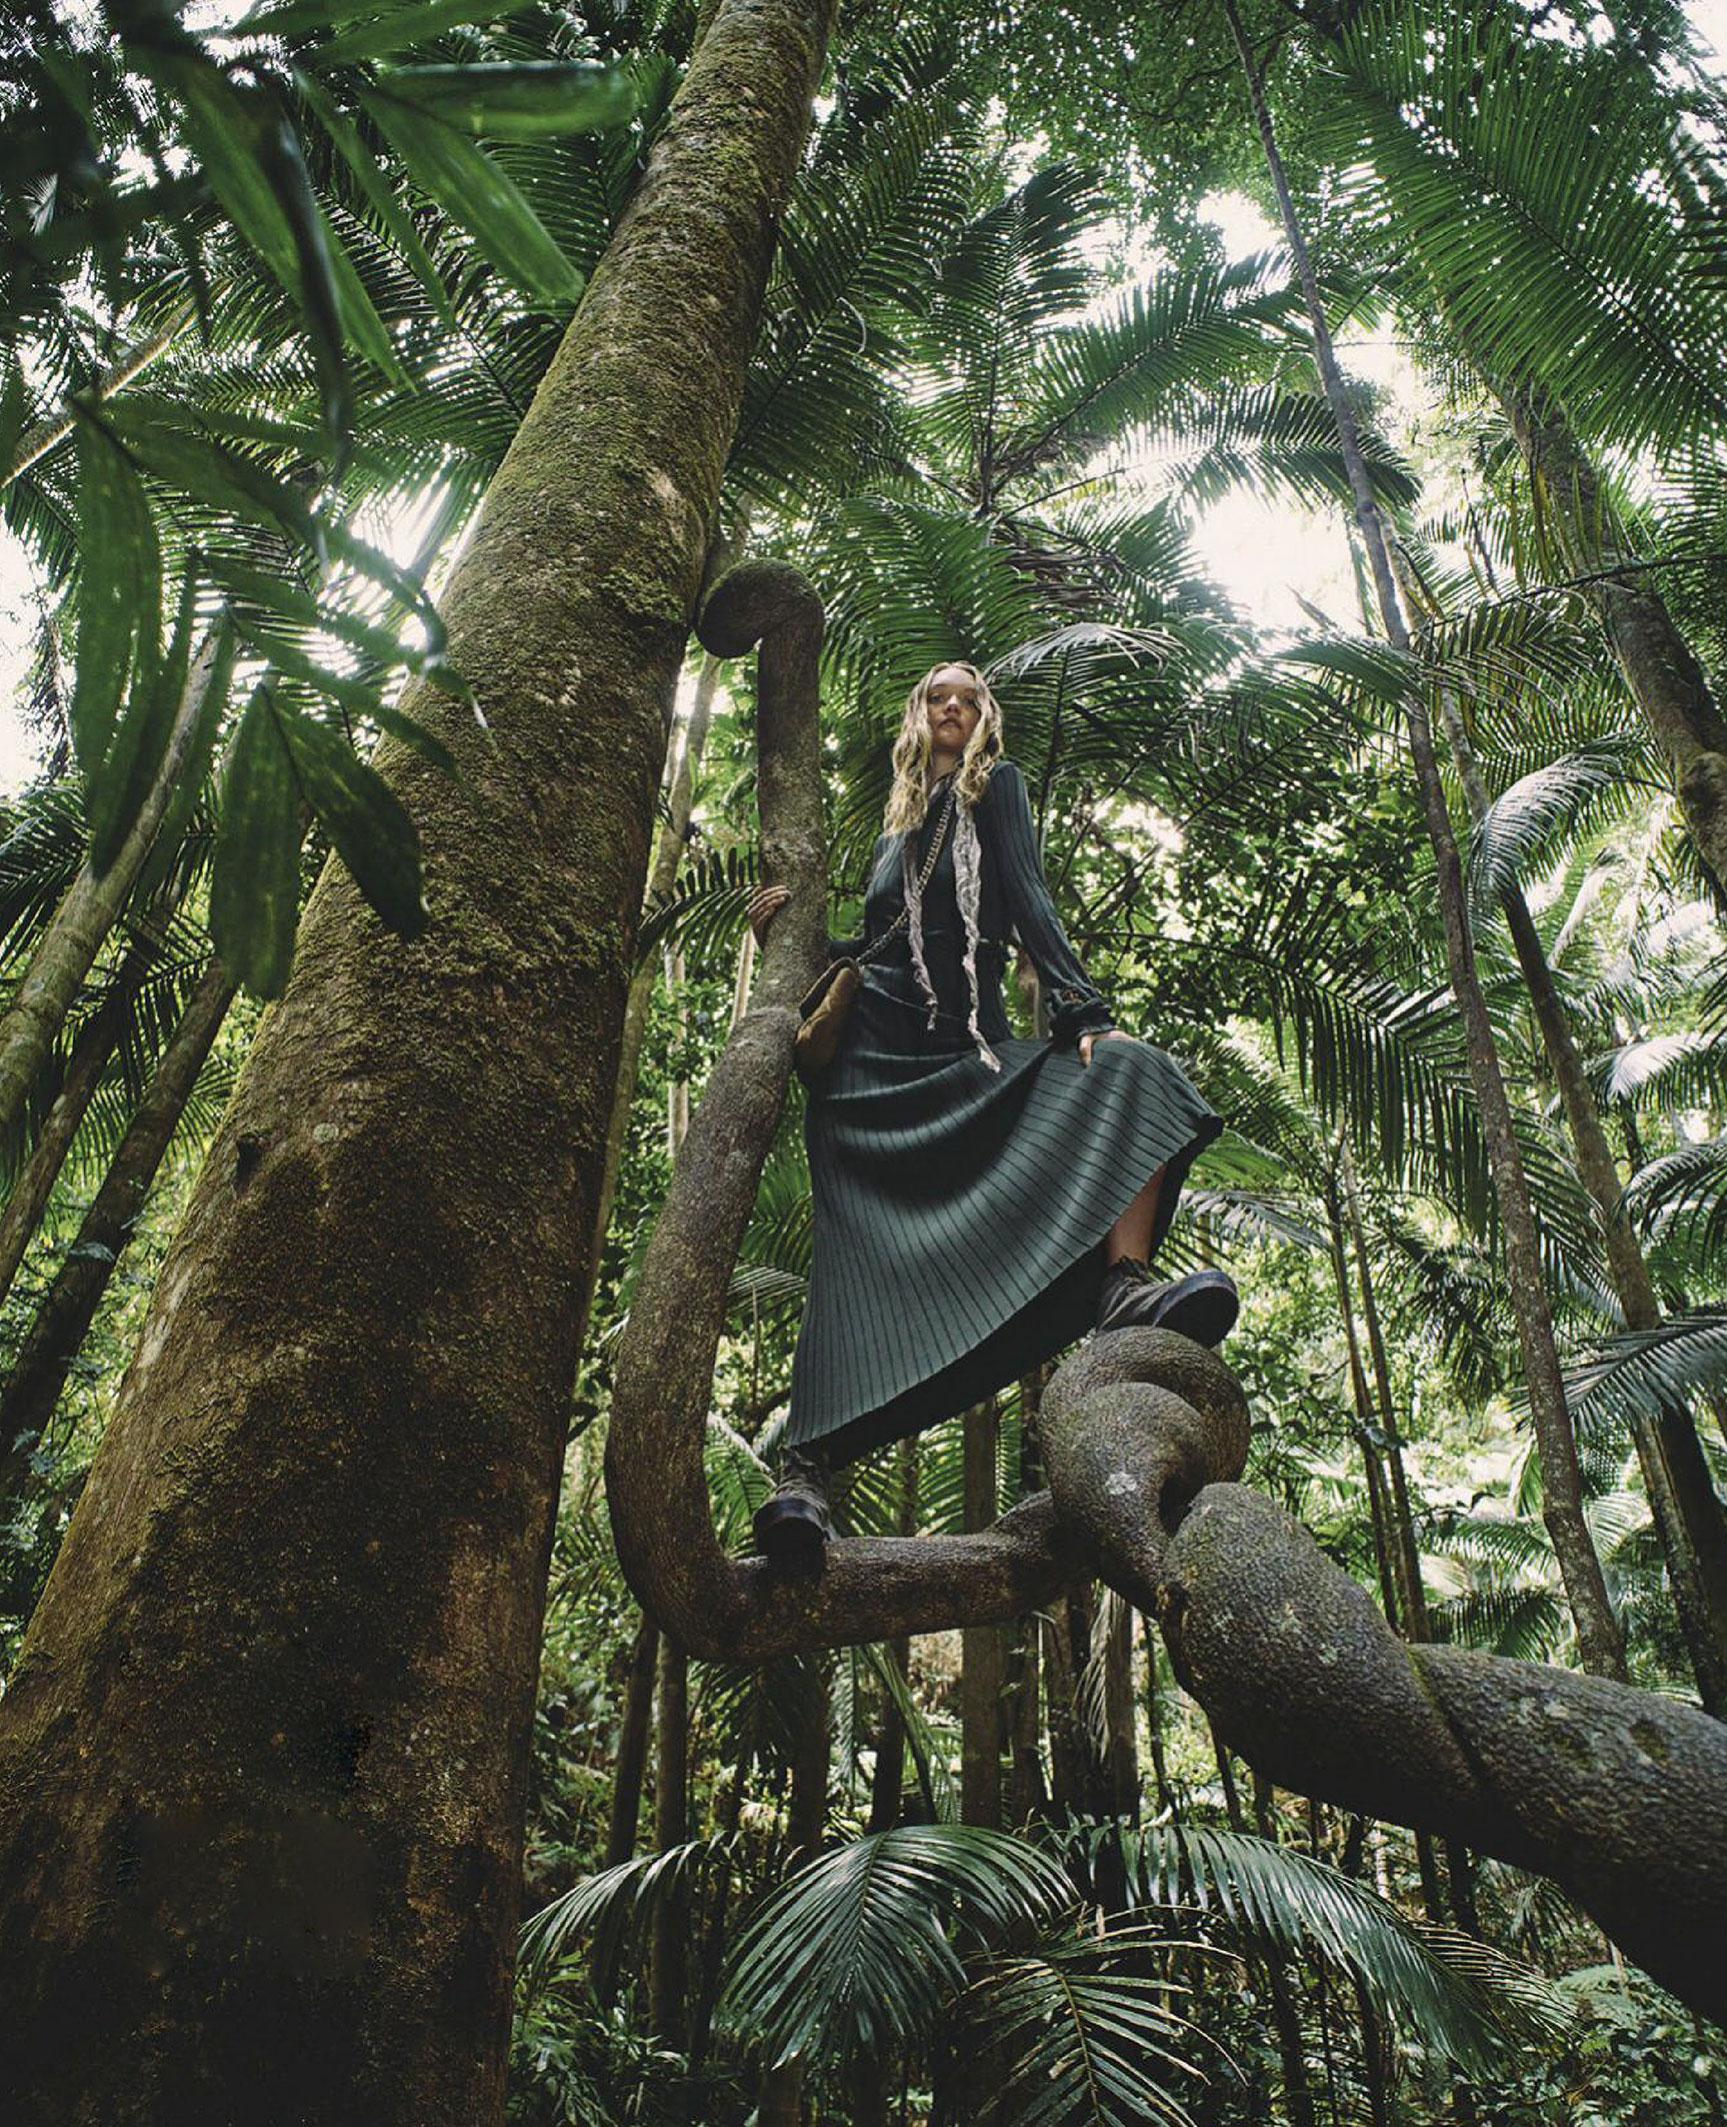 Джемма Уорд с семьей путешествует по лесам Нового Южного Уэльса / фото 06